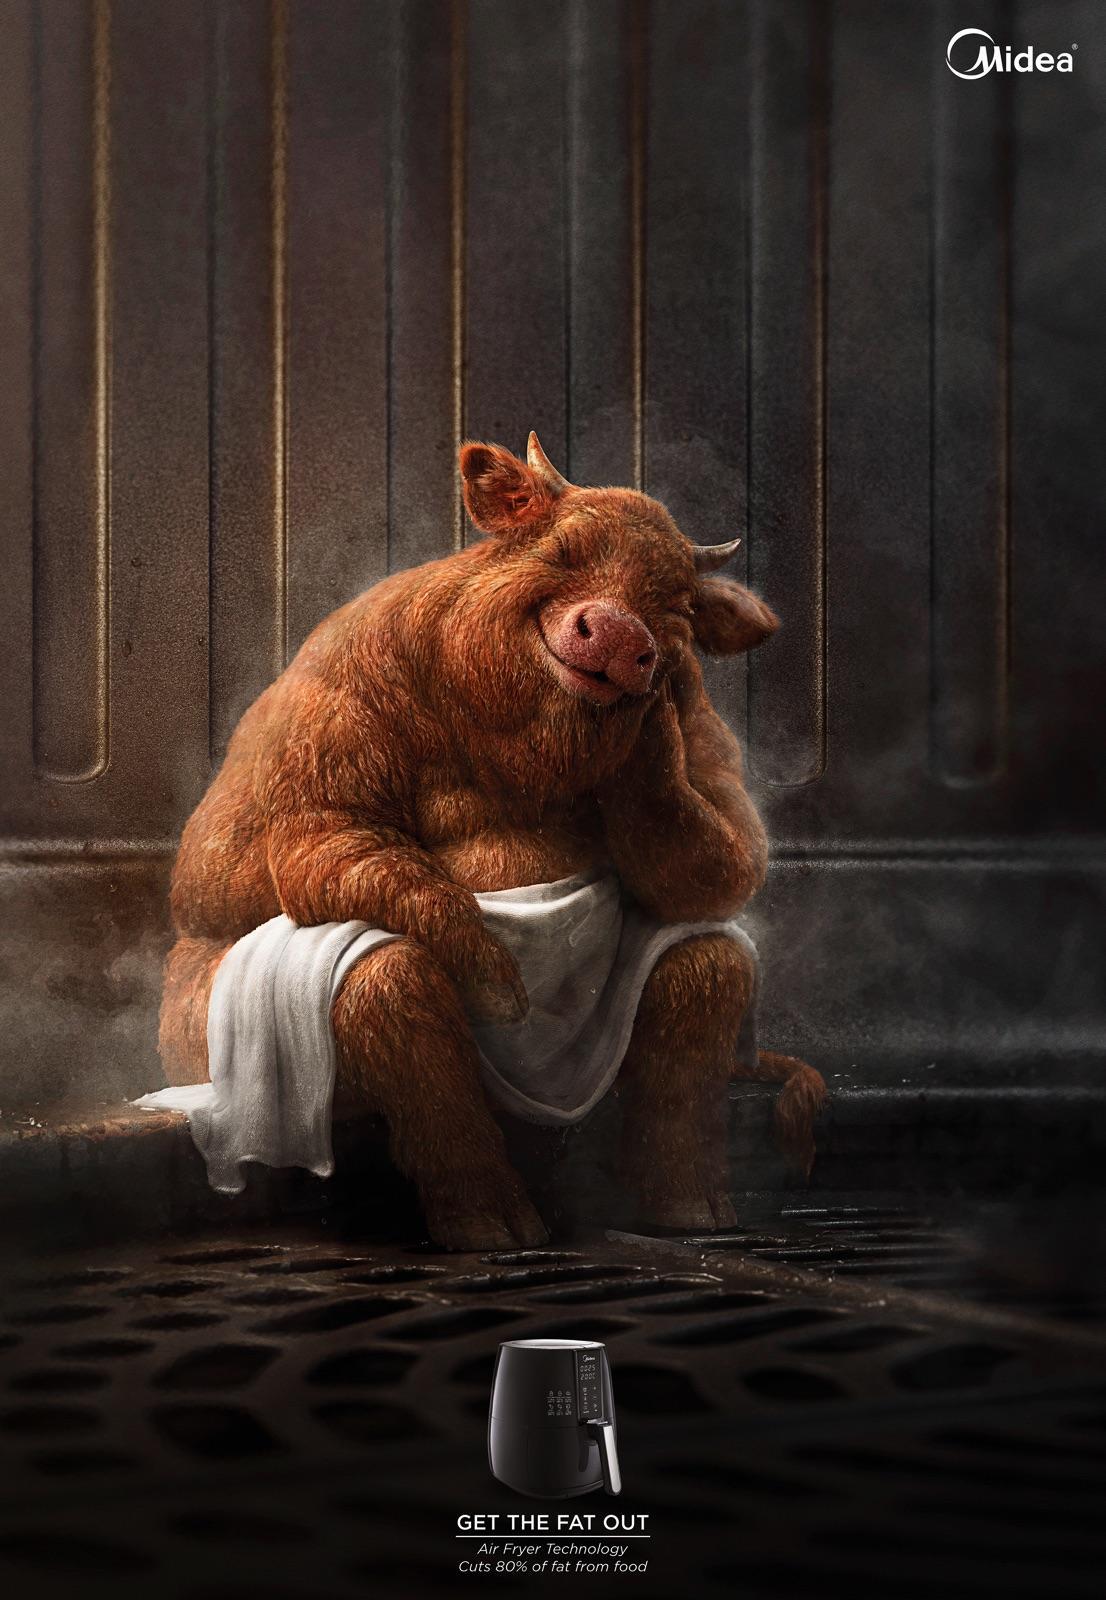 Midea Print Ad - Fatty Cow